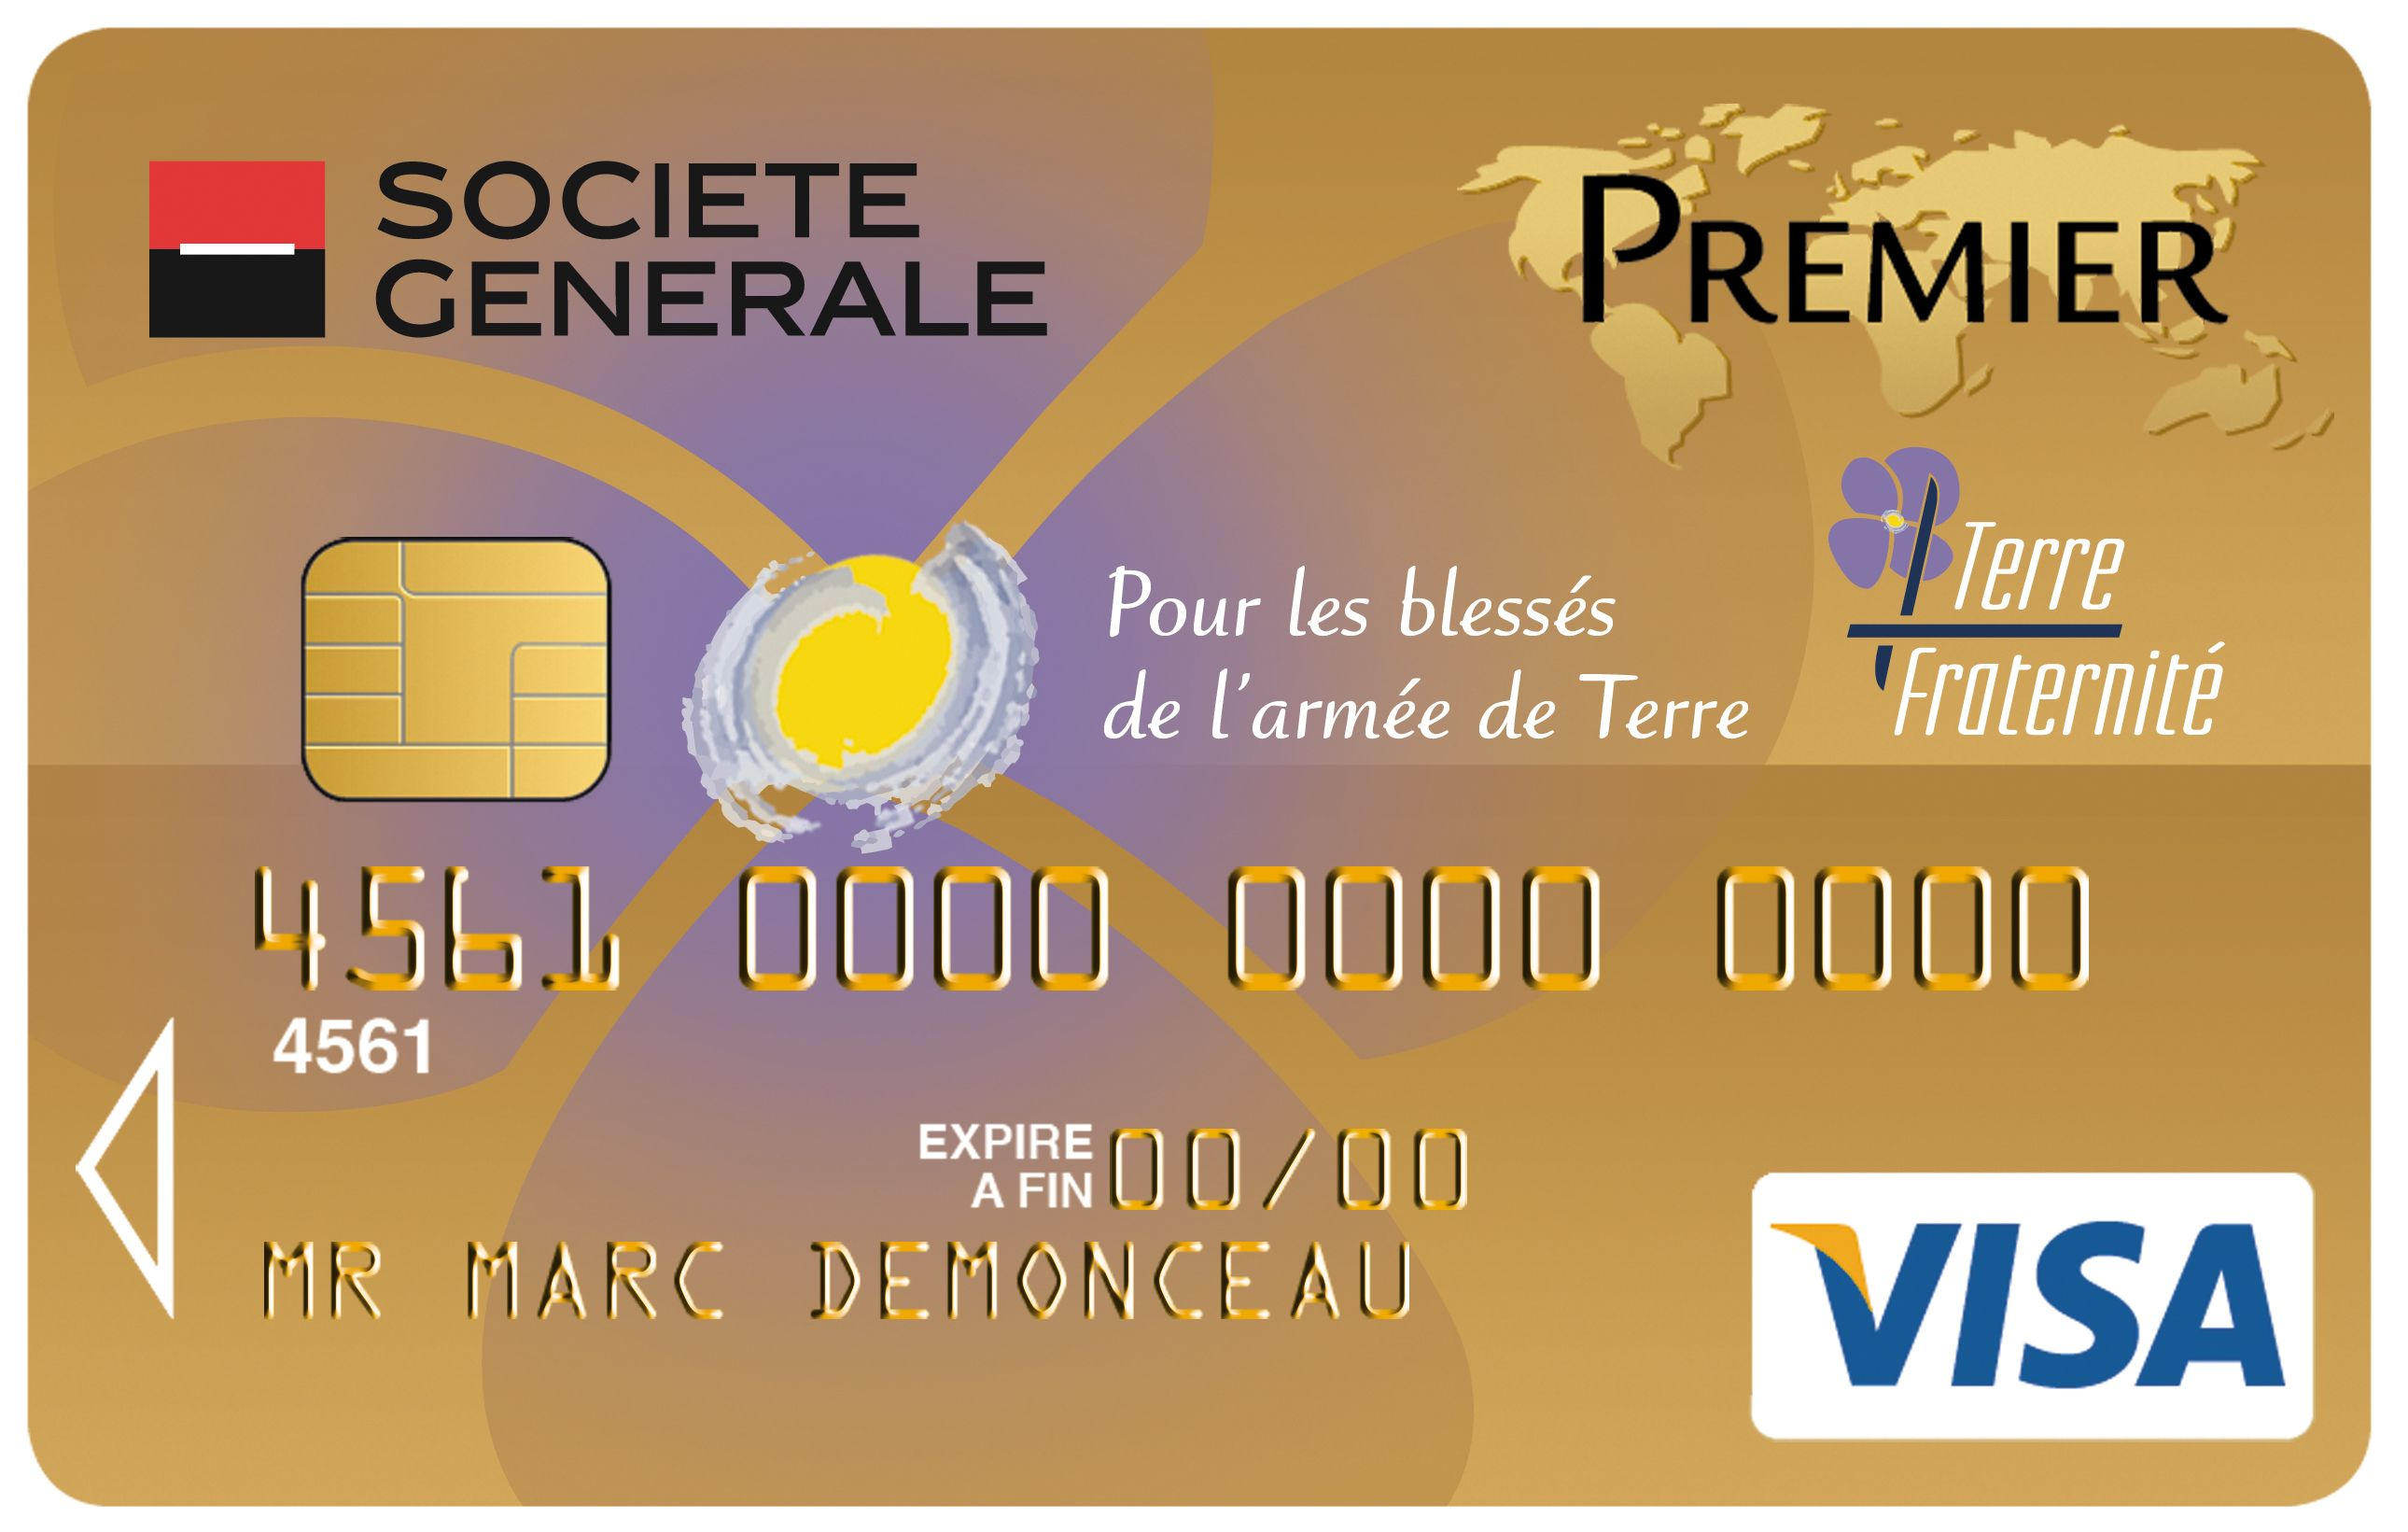 Carte Visa Premier Societe Generale Terre Fraternite